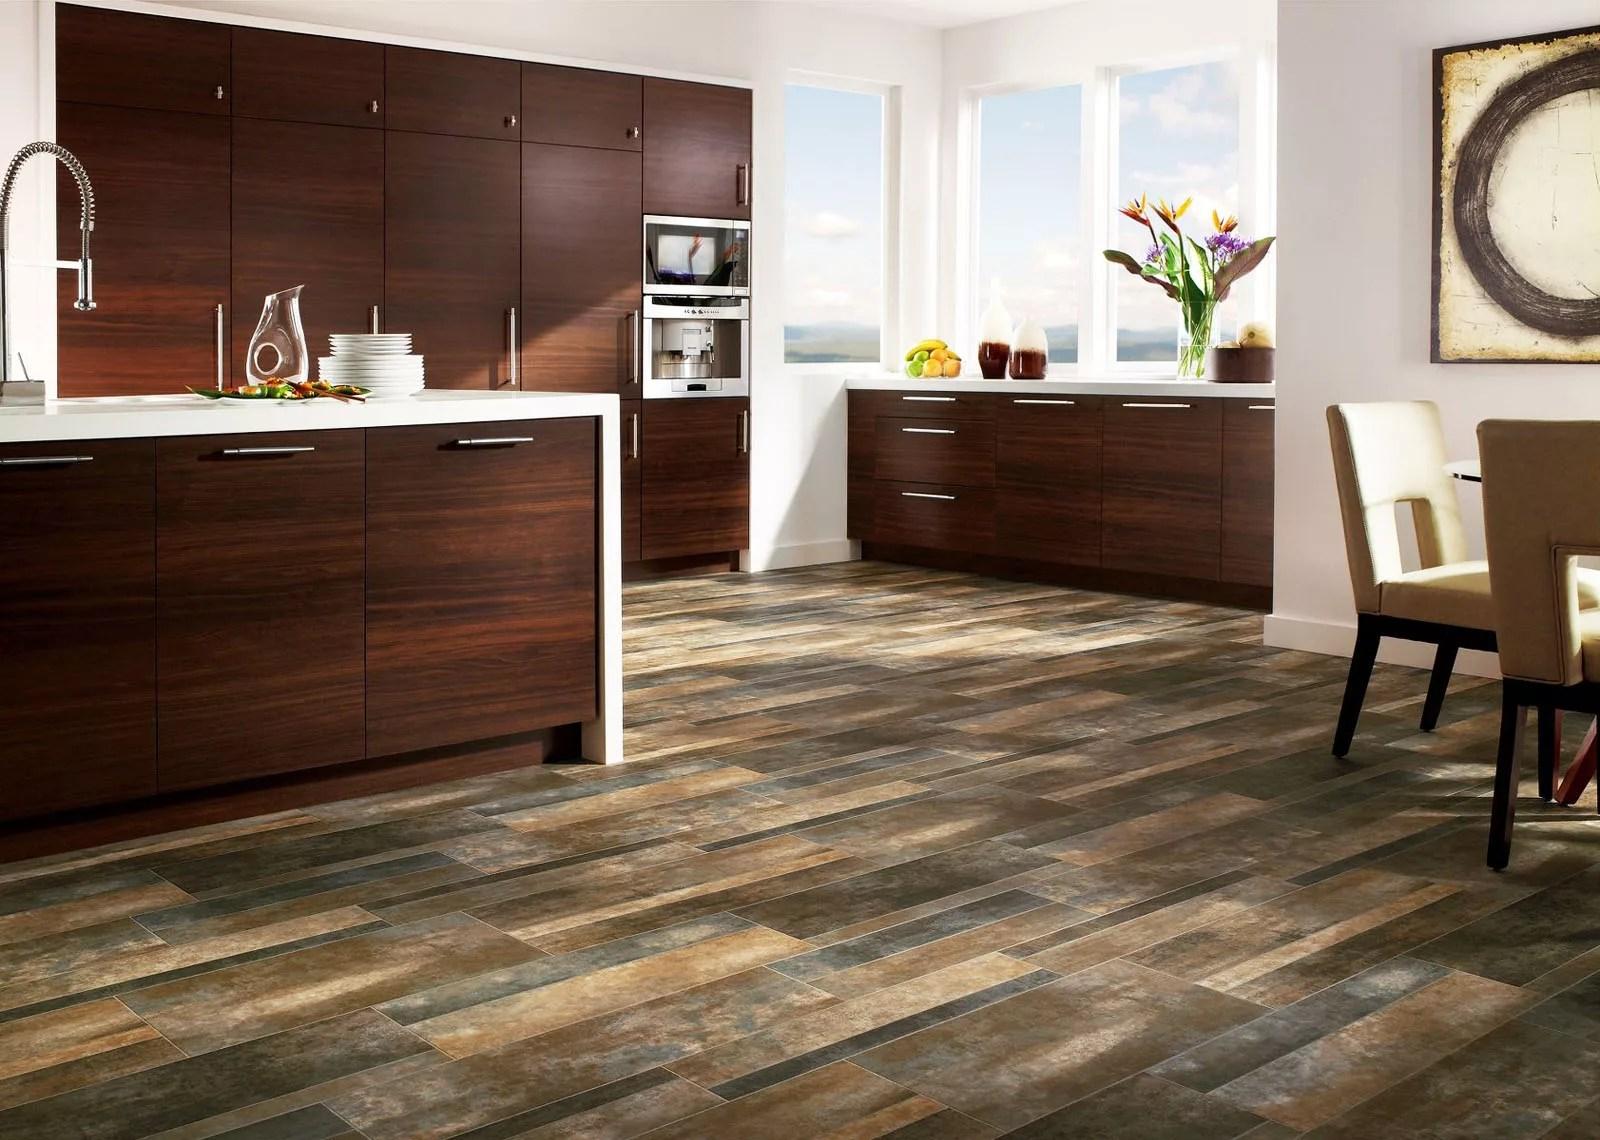 Vinyl Plank Flooring Reviews Advantages Installation Guide And Brands - Vapor barrier under vinyl plank flooring